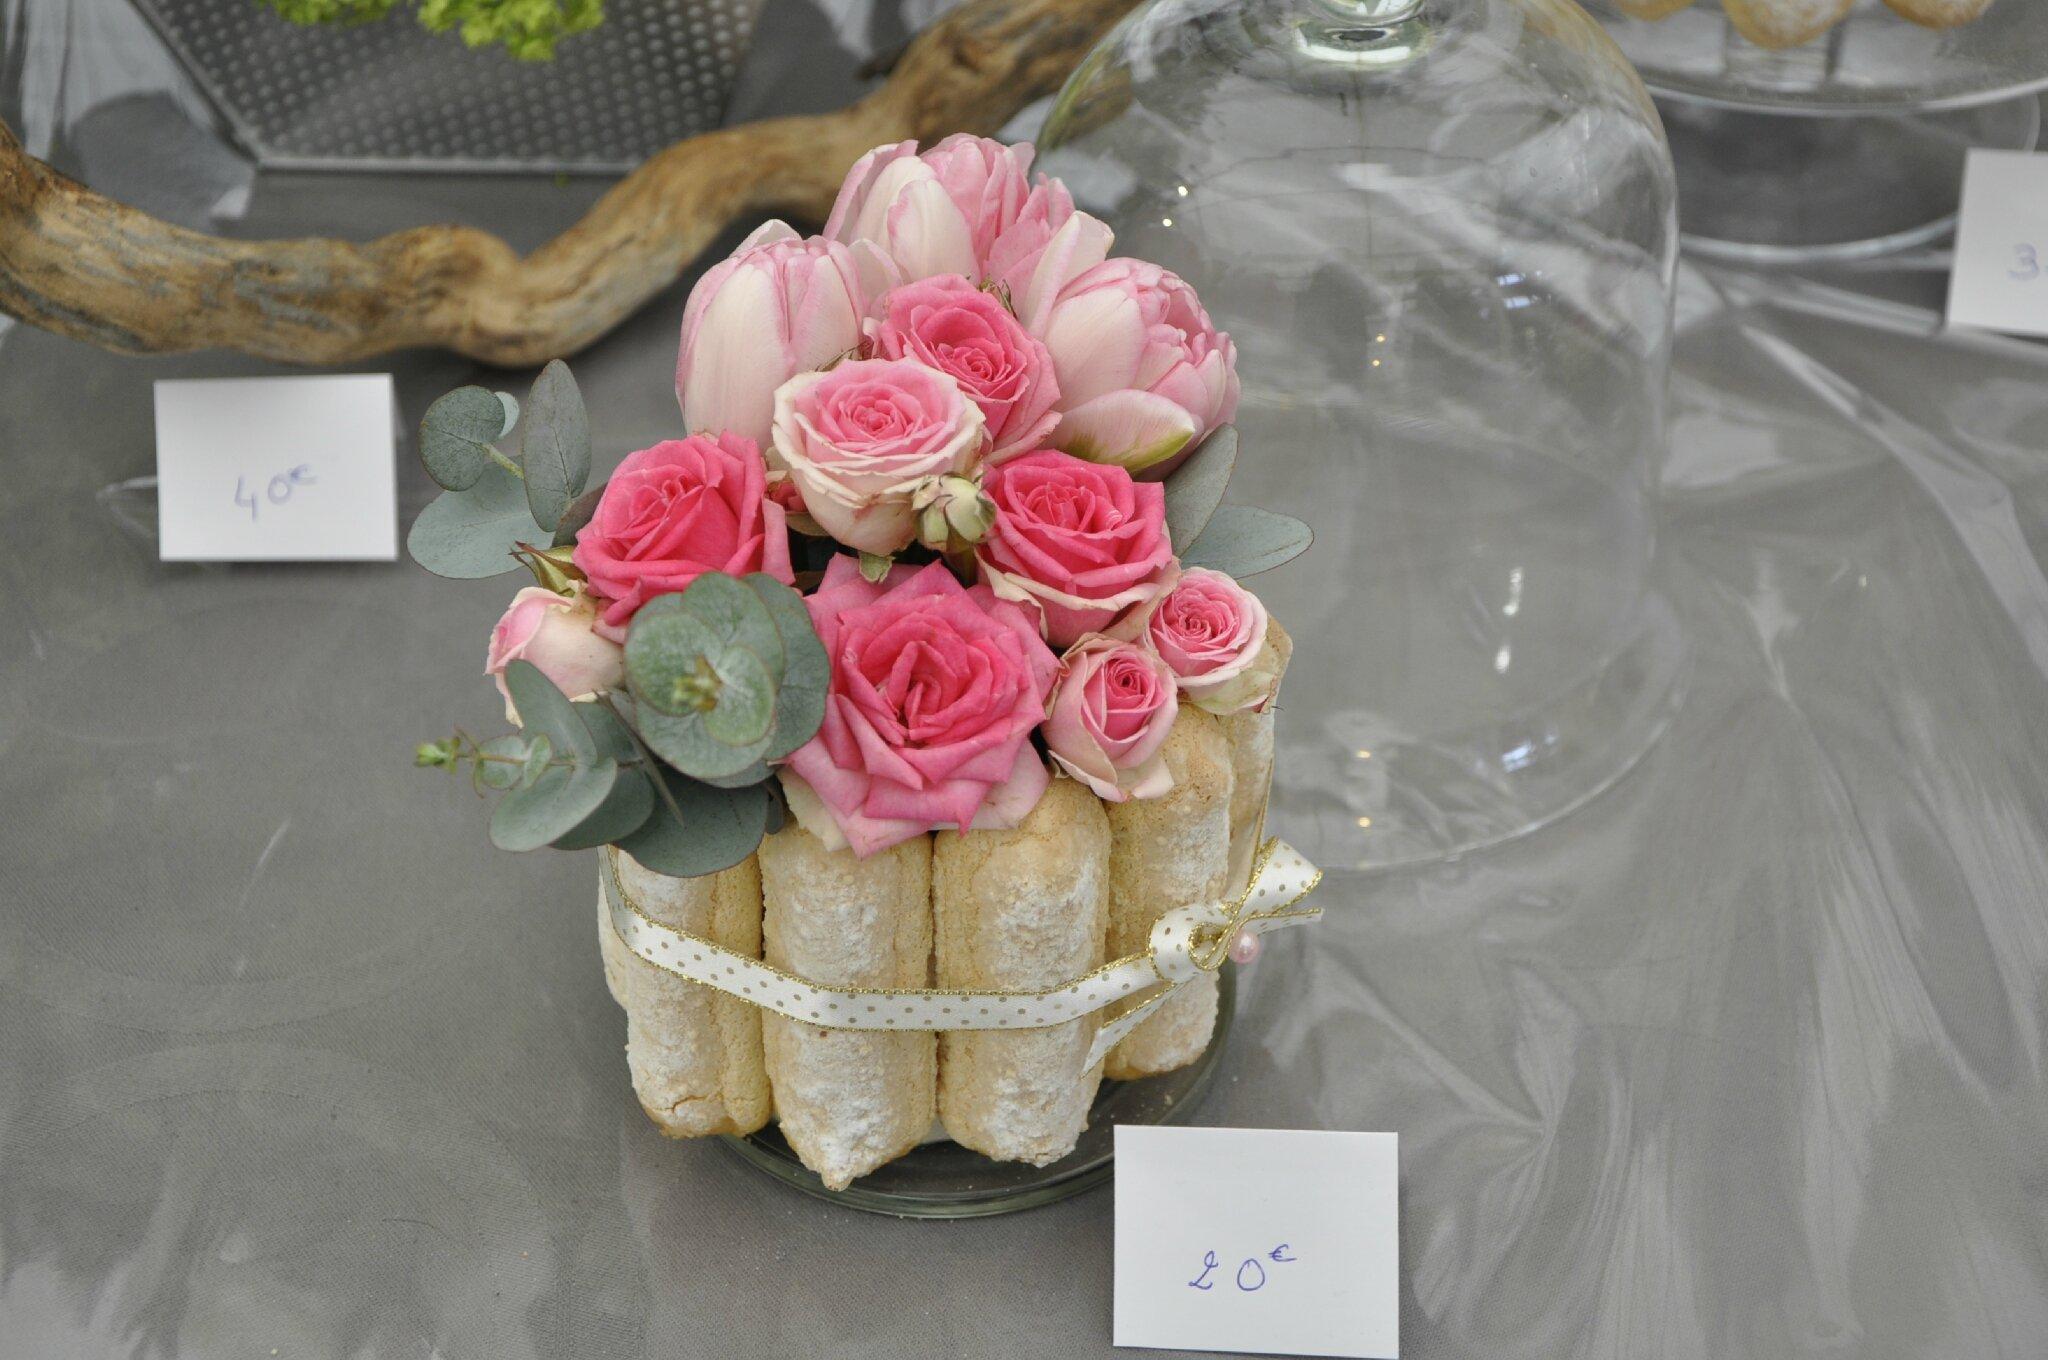 charlotte centre de table  Photo de 1 MARIAGE  LARUM DES SENS